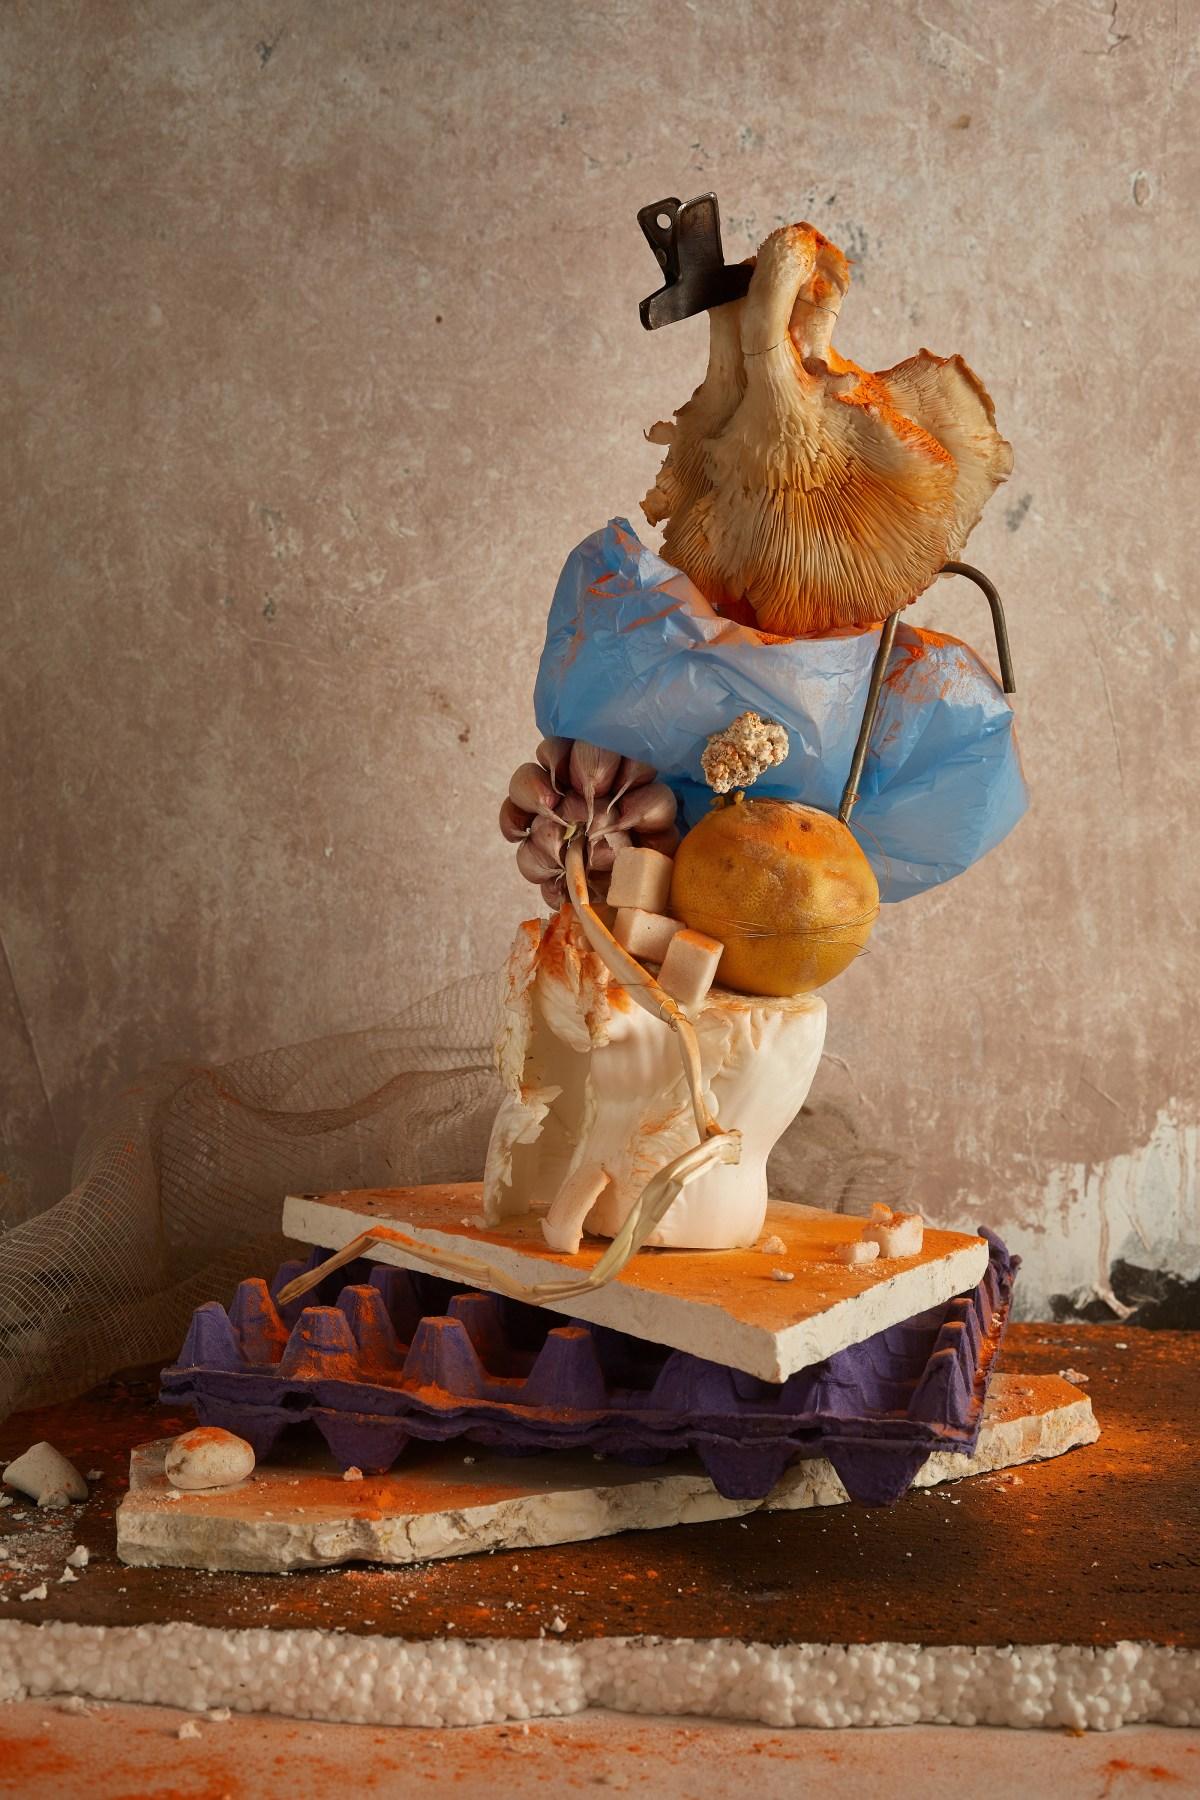 Experimental Food Sculptures